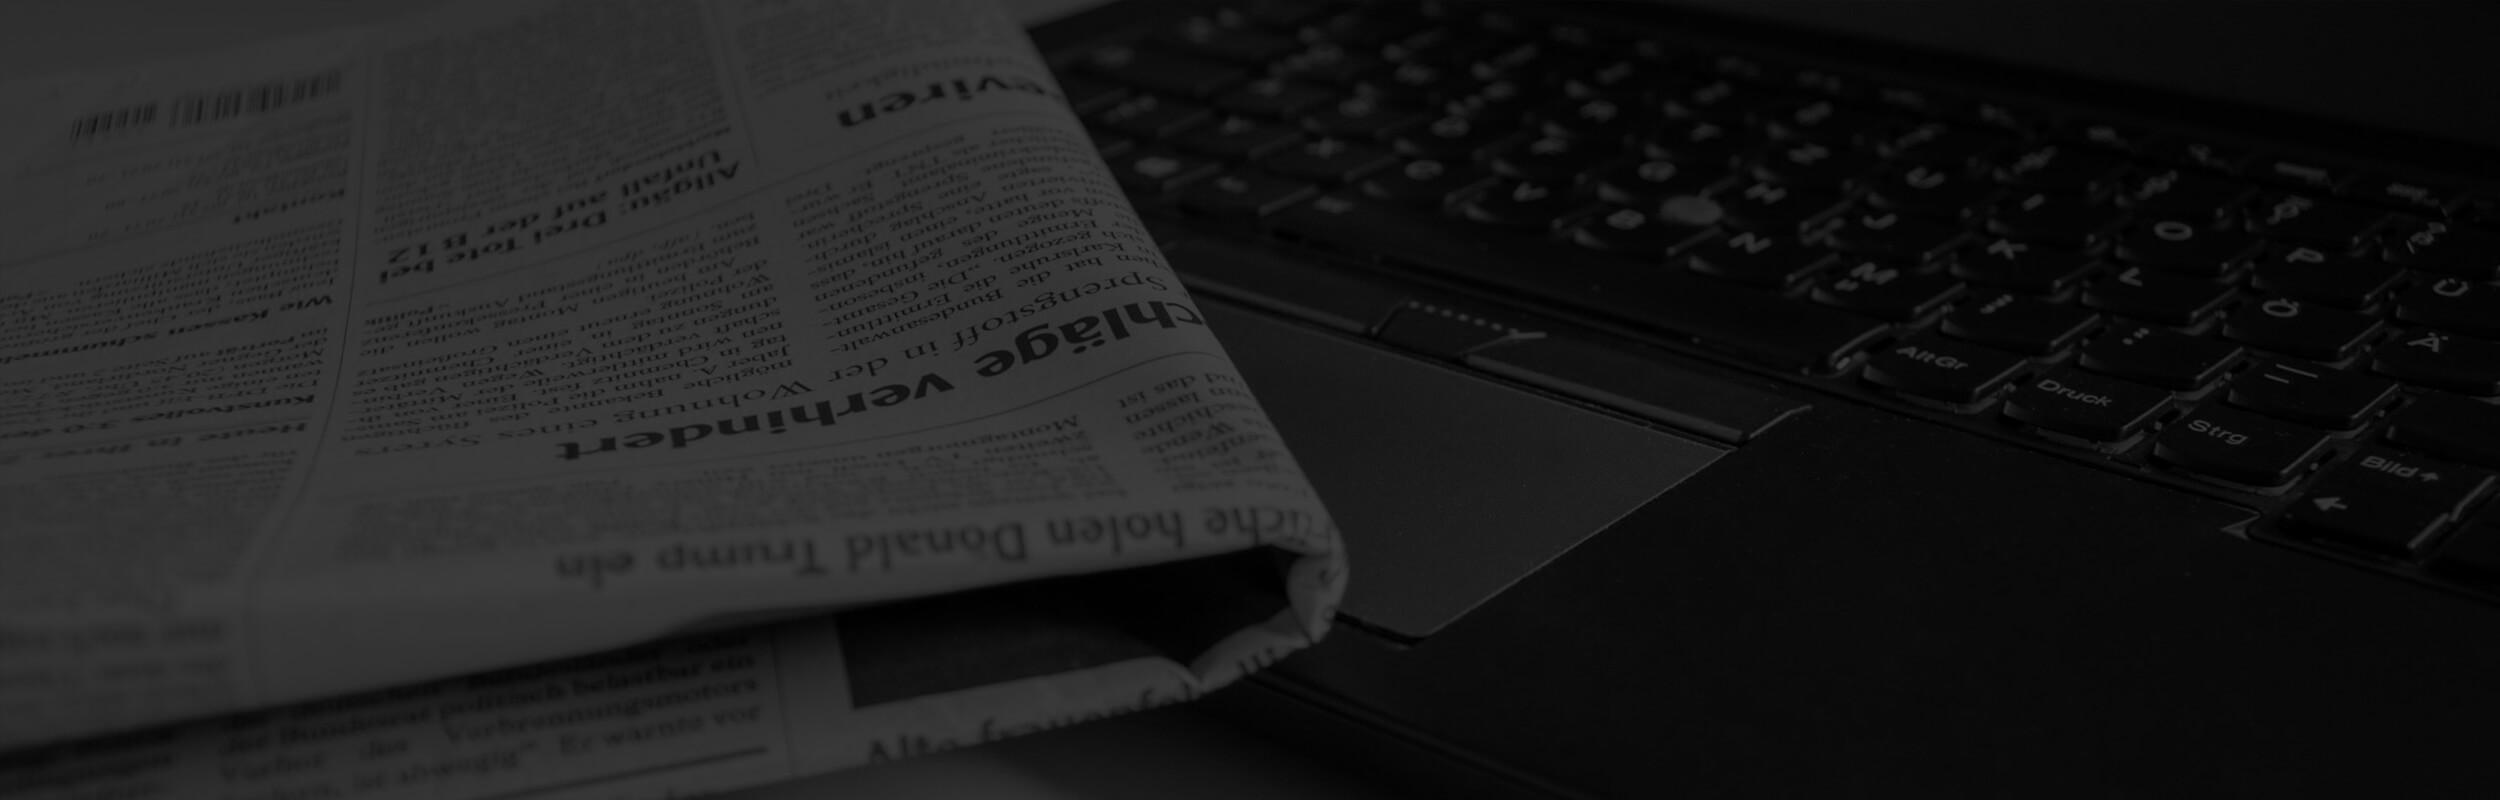 noviny na klávesnici